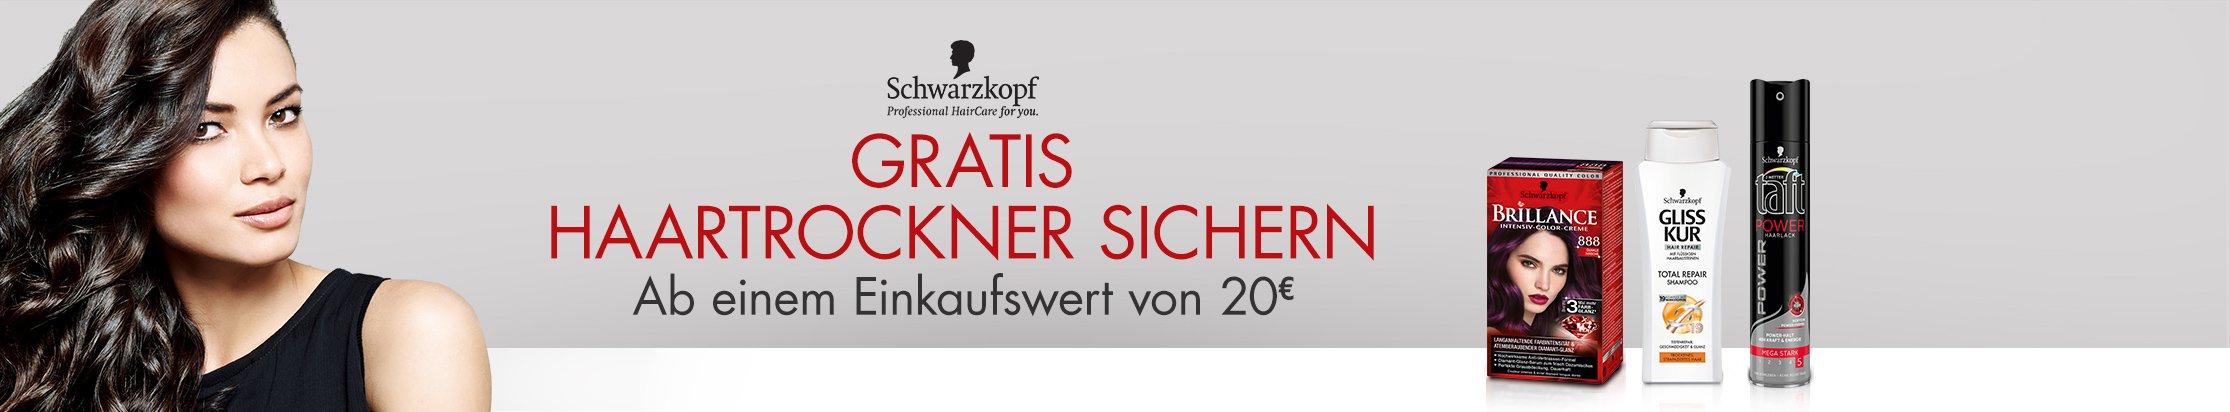 Gratis Haartrockner sichern ab einem EInkaufswert von 20 EUR